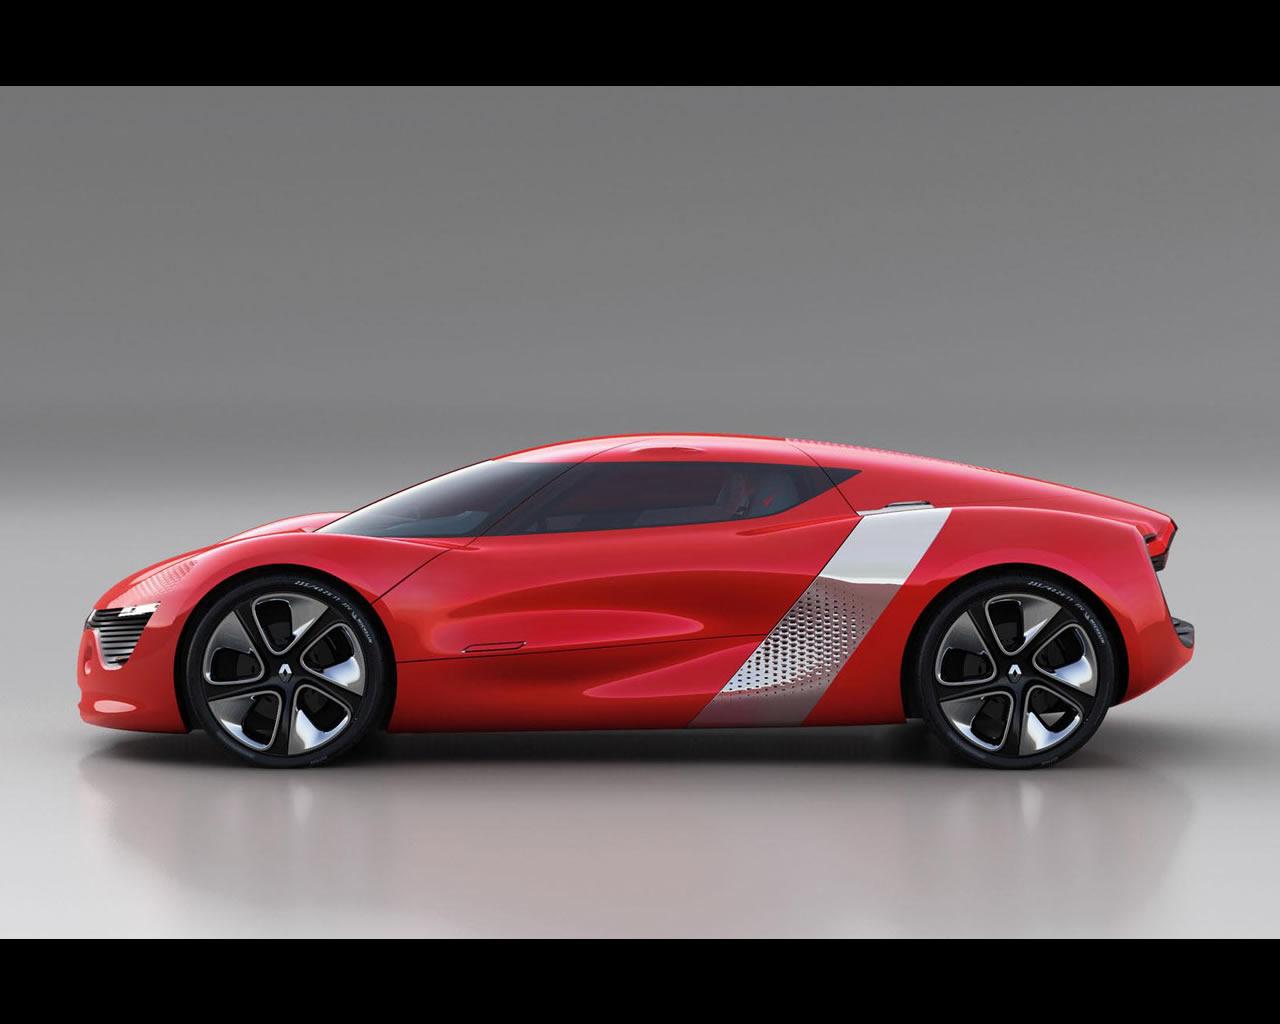 renault dezir electric car concept 2010. Black Bedroom Furniture Sets. Home Design Ideas